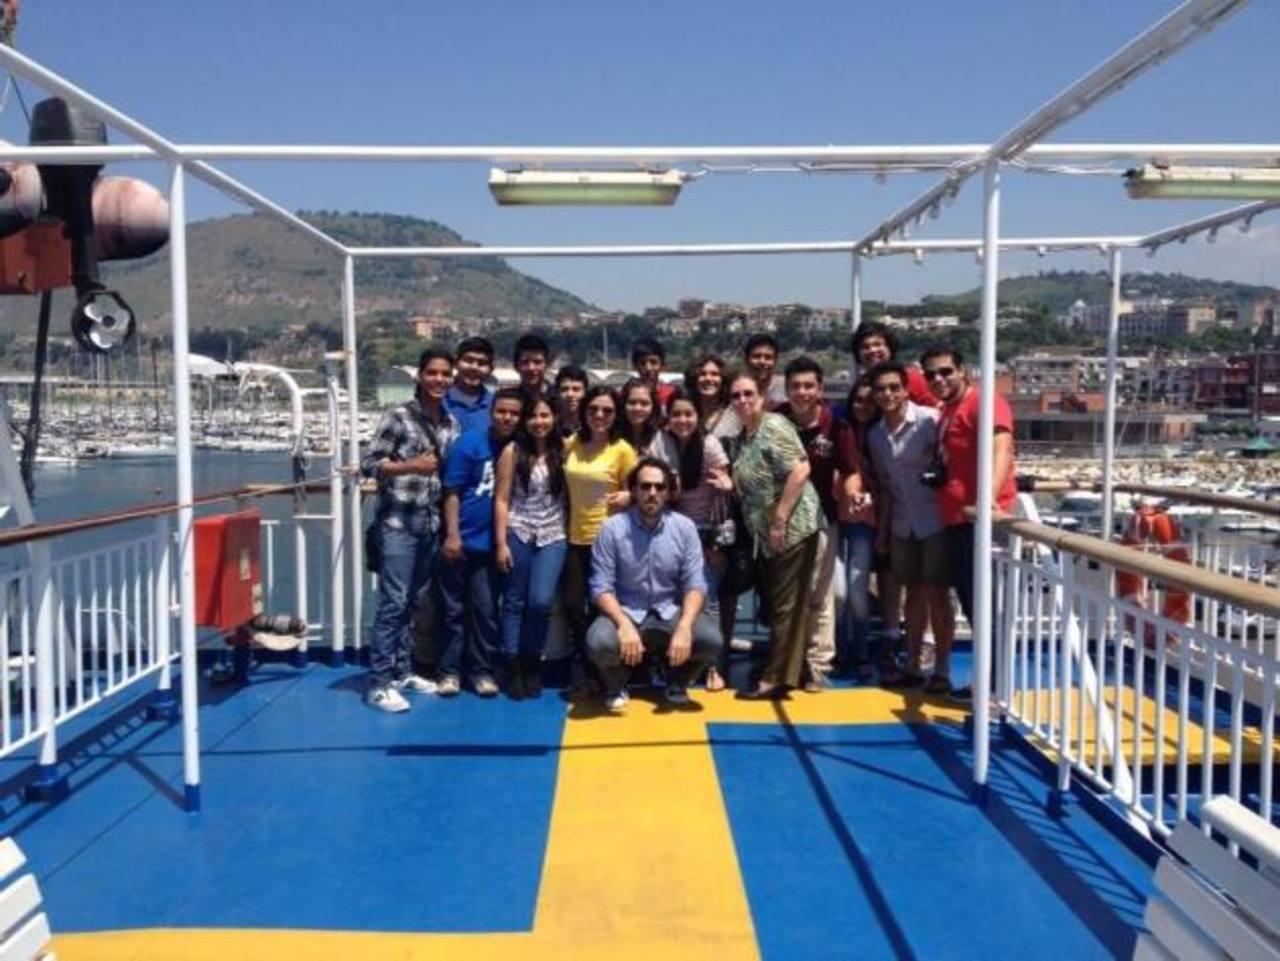 La delegación de jóvenes artistas junto a su director Martín Jorge, en su visita a Italia. Foto Edh / Cortesía